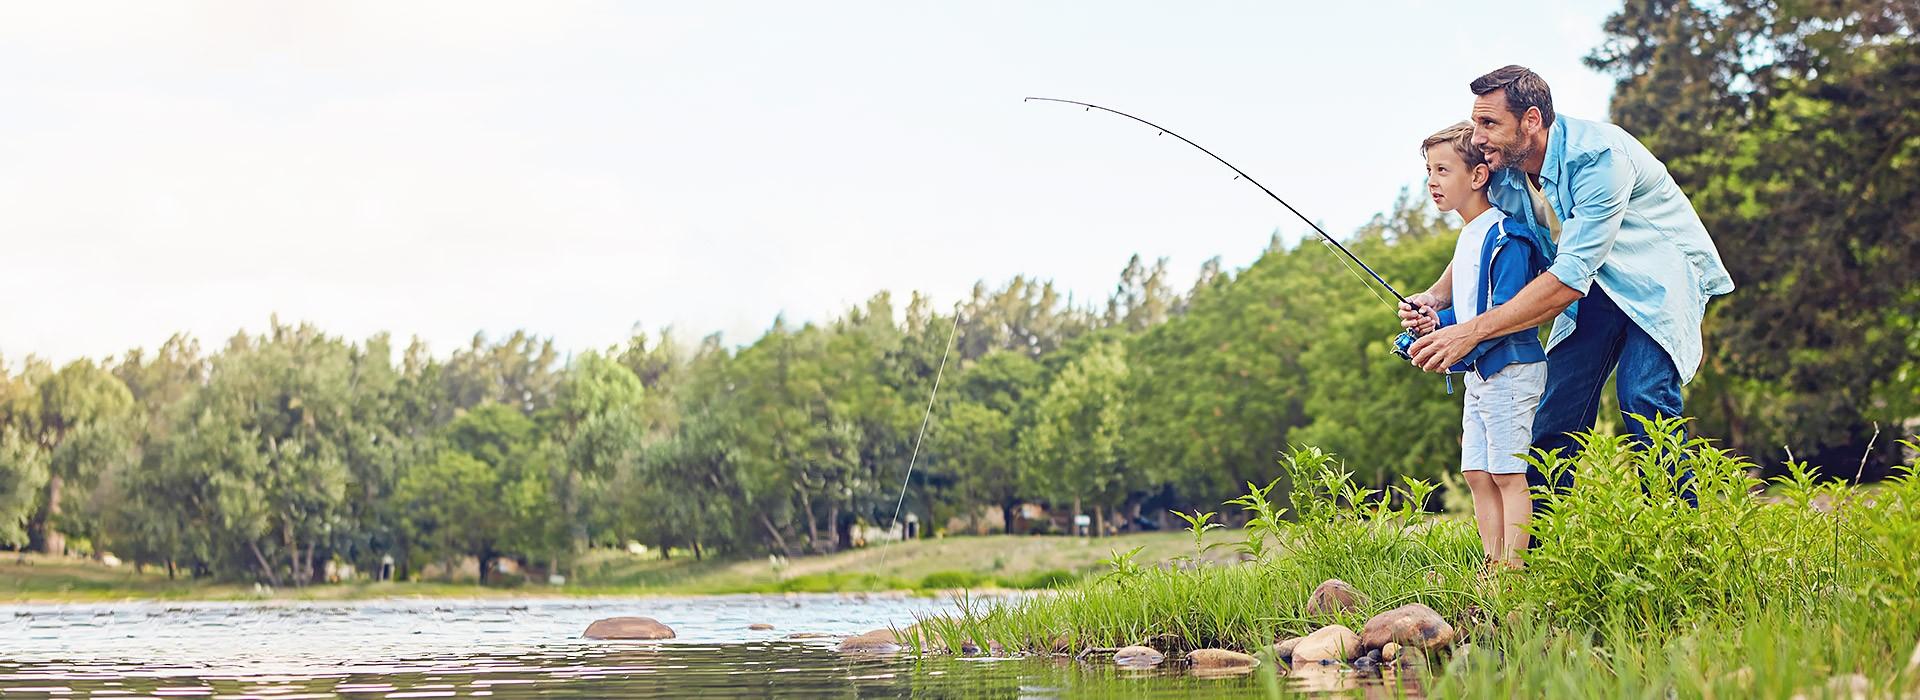 Sa ei unusta kunagi oma esimest saaki€99.99Deeper START Fishfinder